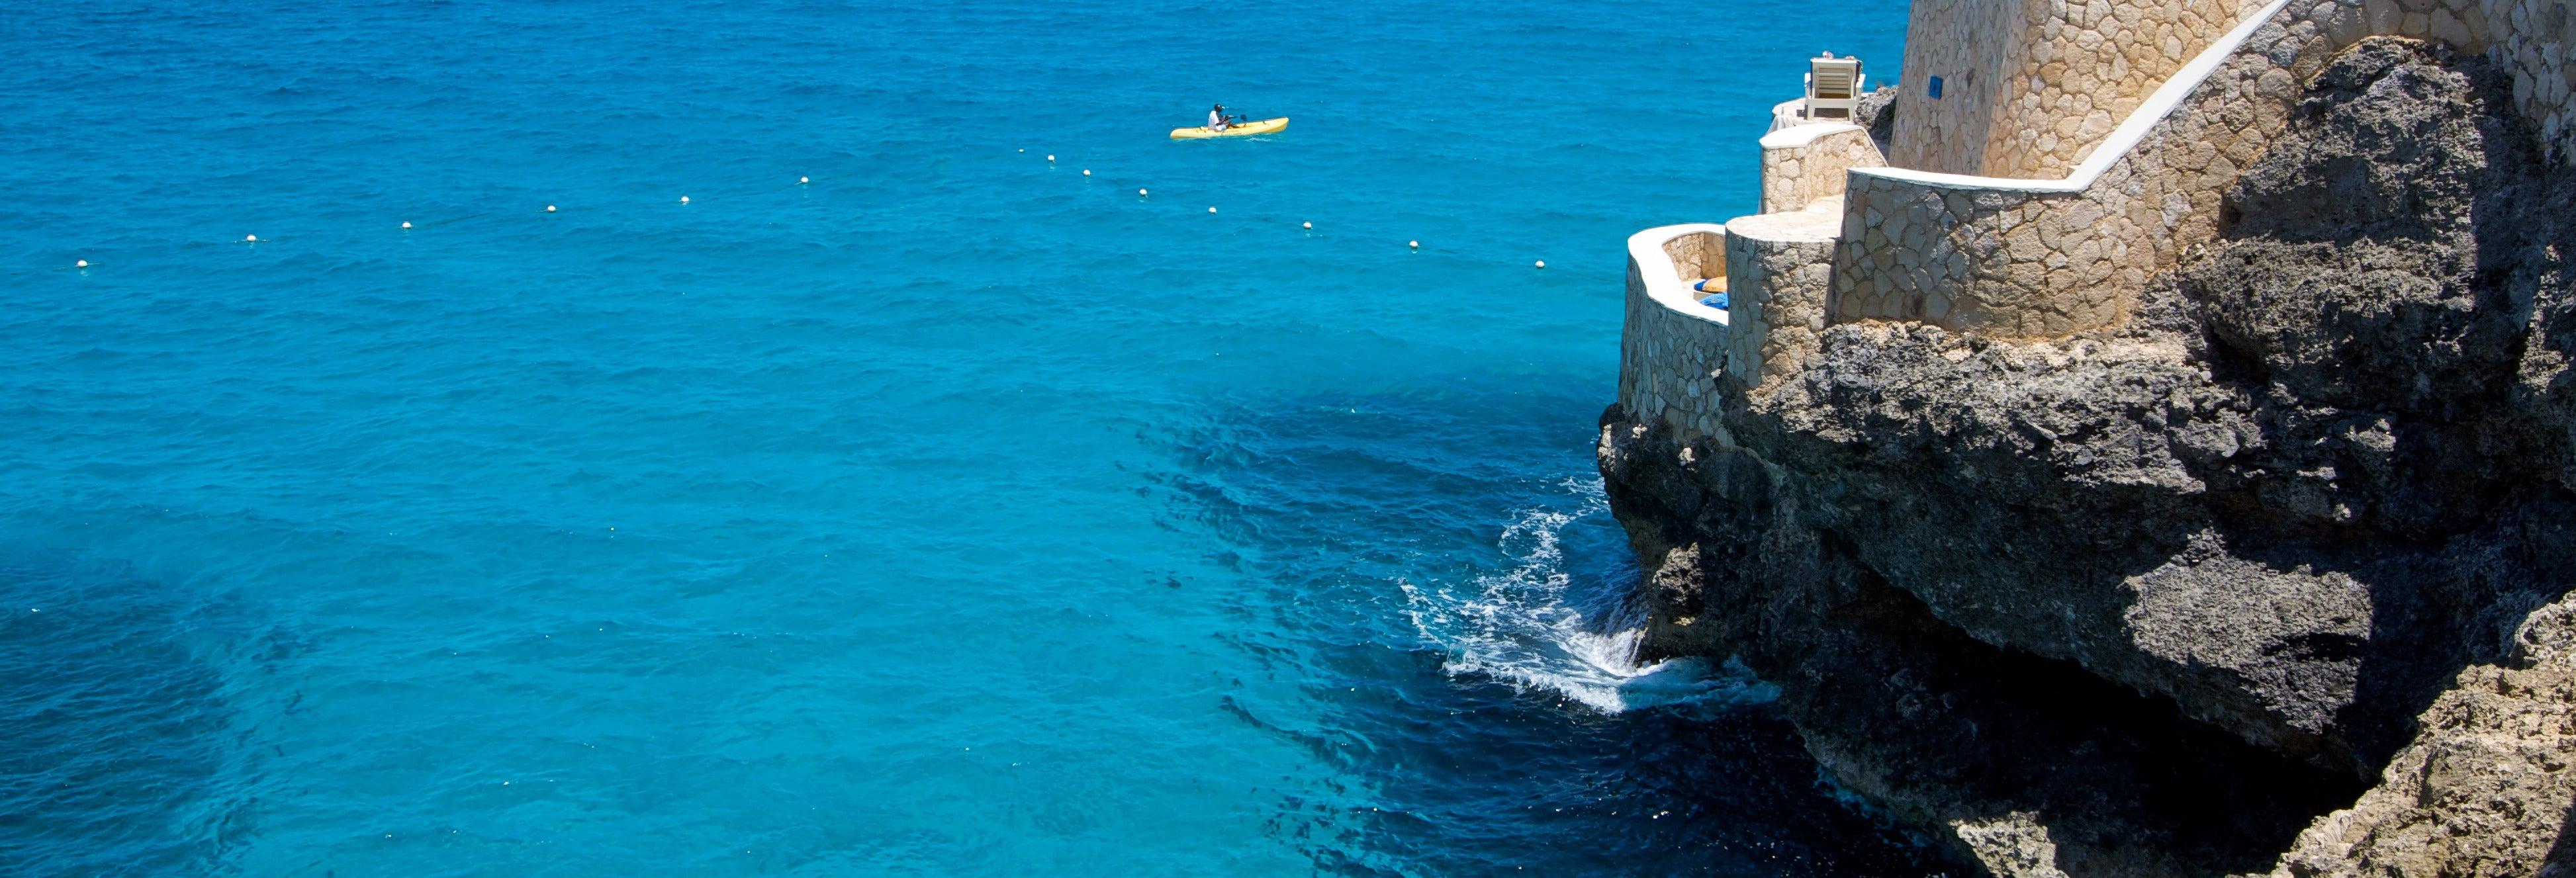 Escursione a Negril + Giro in catamarano